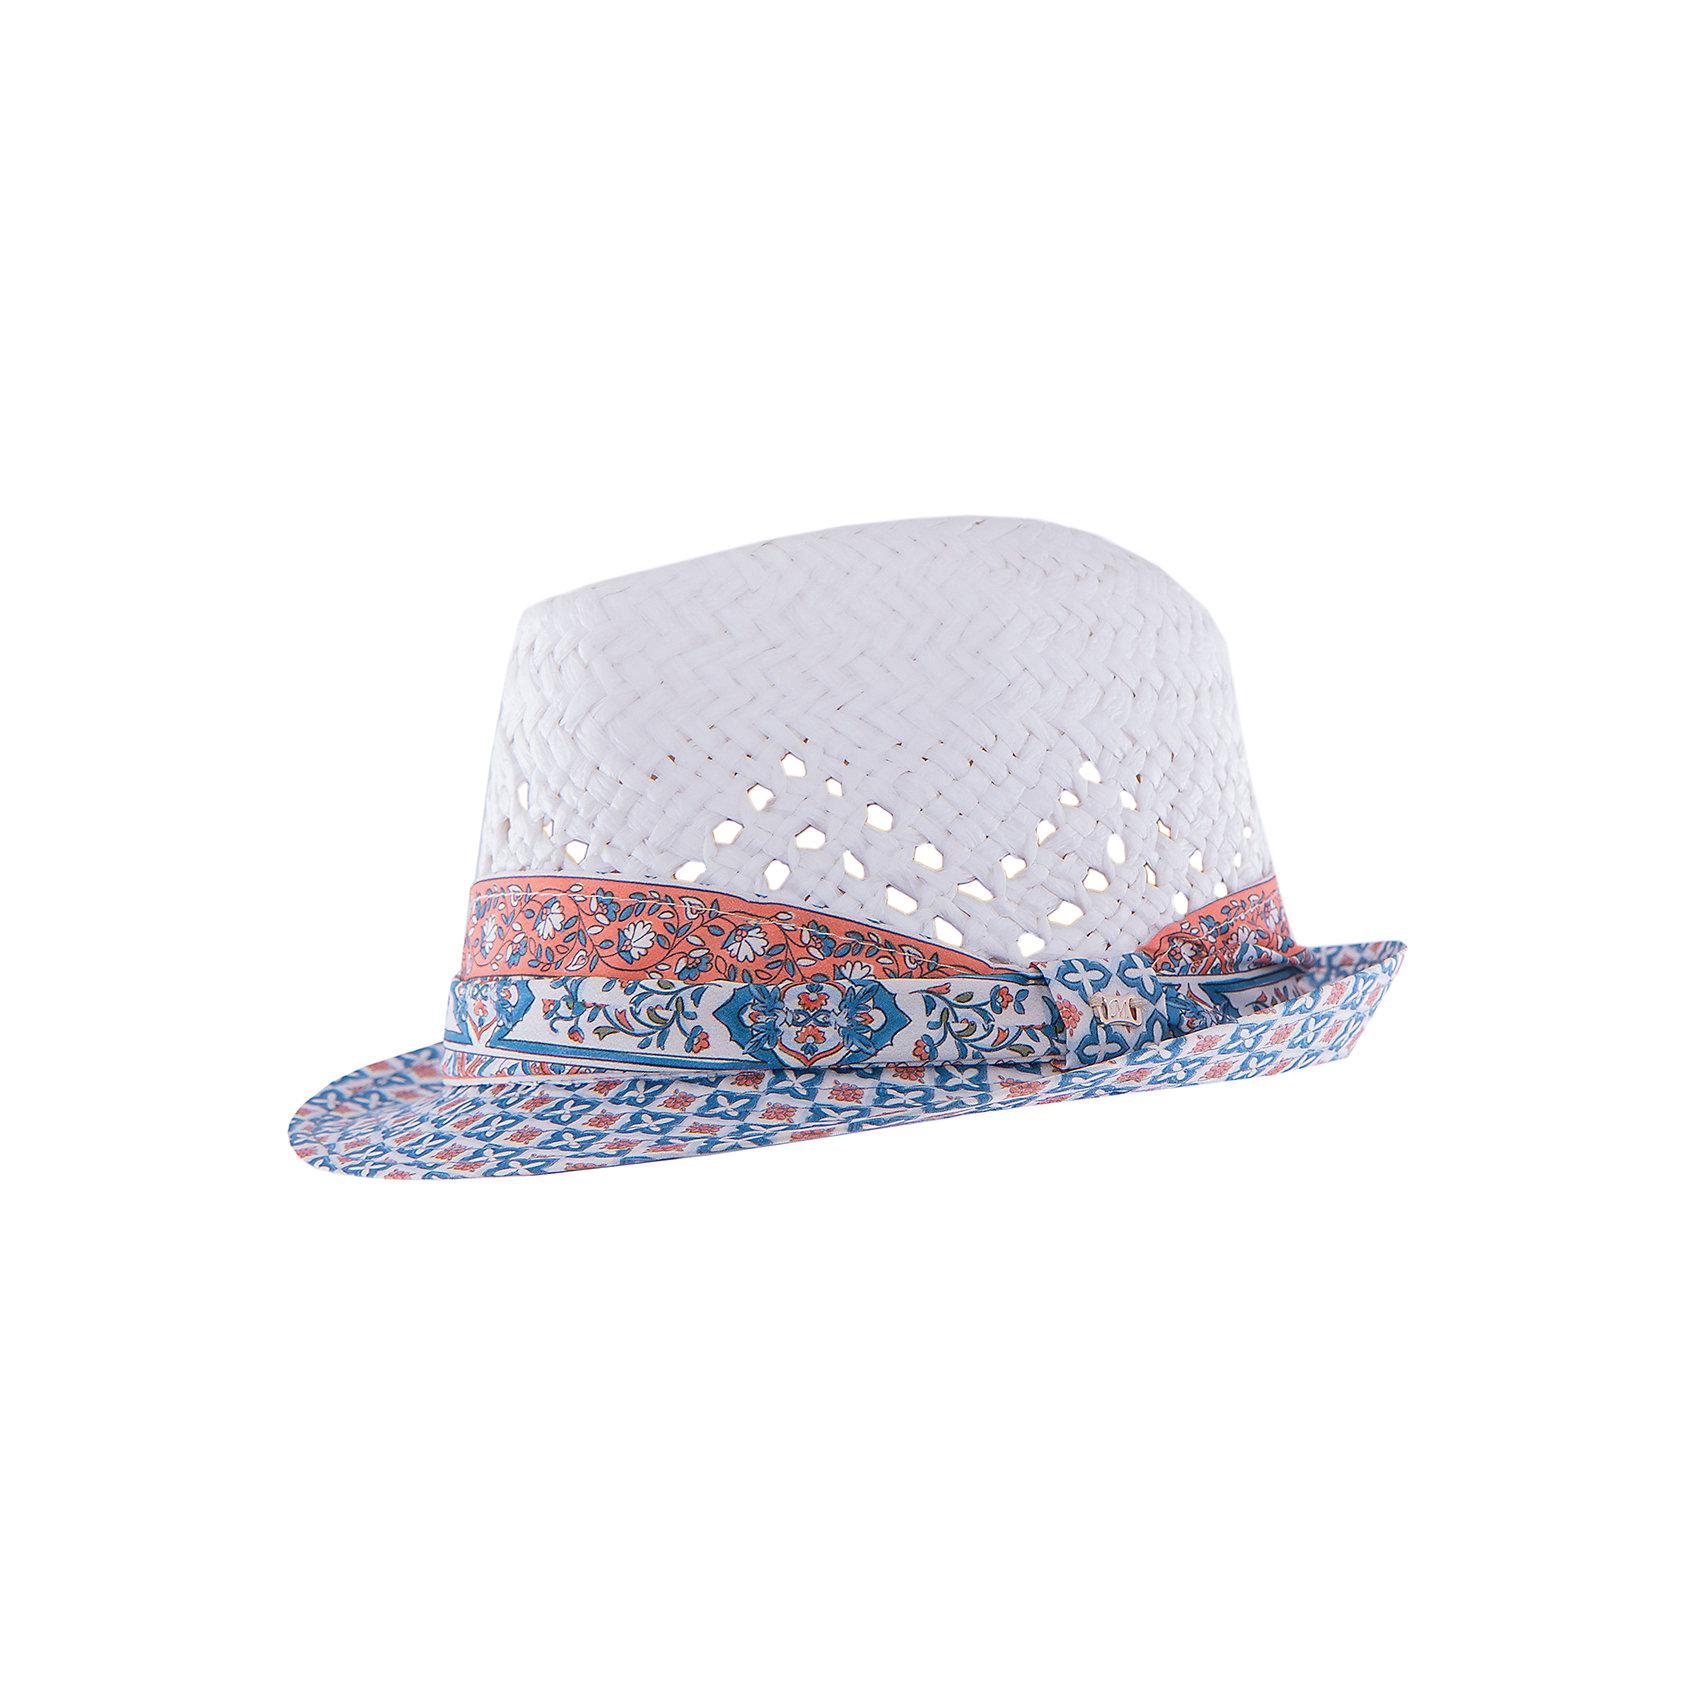 Шляпа для девочки MayoralШляпа для девочки от известной марки Mayoral<br><br>Удобная шляпа дополнит образ девочки и убережет голову от перегрева в новом весенне-летнем сезоне. Эта модель разработала специально для девочек. Сделана она из легкого, но прочного материала, украшена текстилем и принтом.<br><br>Особенности модели:<br><br>- цвет: белый, голубой;<br>- украшена принтом;<br>- легкий материал;<br>- классическая форма;<br>- декорирована текстильной повязкой;<br>- глубокая посадка.<br><br>Дополнительная информация:<br><br>Состав: 50% бумага, 50% полиэстер<br> <br>Шляпу для девочки от Mayoral (Майорал) можно купить в нашем магазине.<br><br>Ширина мм: 89<br>Глубина мм: 117<br>Высота мм: 44<br>Вес г: 155<br>Цвет: оранжевый<br>Возраст от месяцев: 72<br>Возраст до месяцев: 96<br>Пол: Женский<br>Возраст: Детский<br>Размер: 56,54,58<br>SKU: 4539299